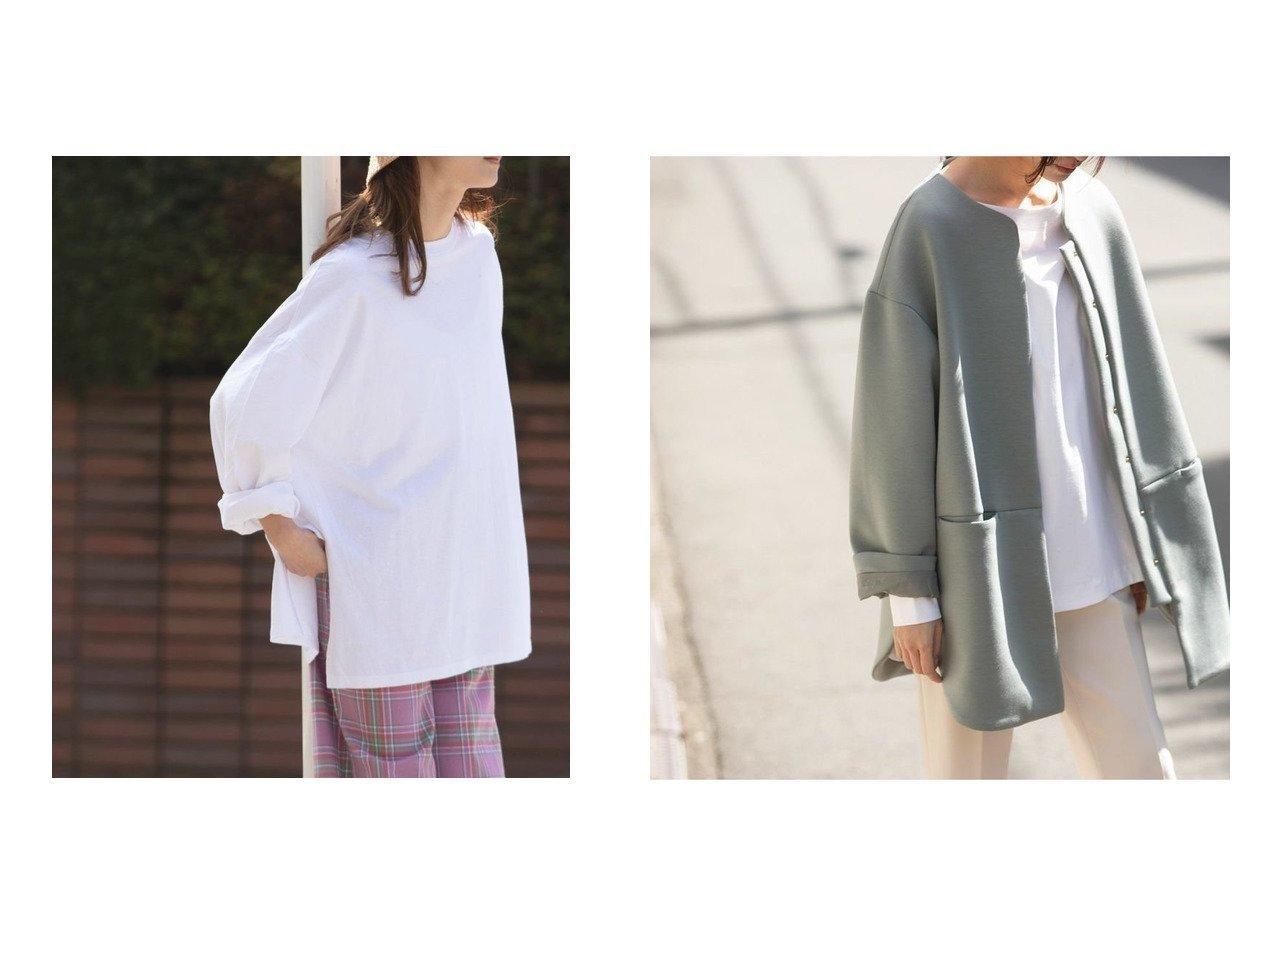 【marjour/マージュール】のボンディングコート BONDING COAT&オーバーTEE OVER TEE おすすめ!人気、トレンド・レディースファッションの通販 おすすめで人気の流行・トレンド、ファッションの通販商品 メンズファッション・キッズファッション・インテリア・家具・レディースファッション・服の通販 founy(ファニー) https://founy.com/ ファッション Fashion レディースファッション WOMEN アウター Coat Outerwear コート Coats アクセサリー インナーキャミ カーディガン 吸水 シンプル スリット デニム 長袖 バランス バングル 冬 Winter おすすめ Recommend インナー ボンディング ロング |ID:crp329100000037036